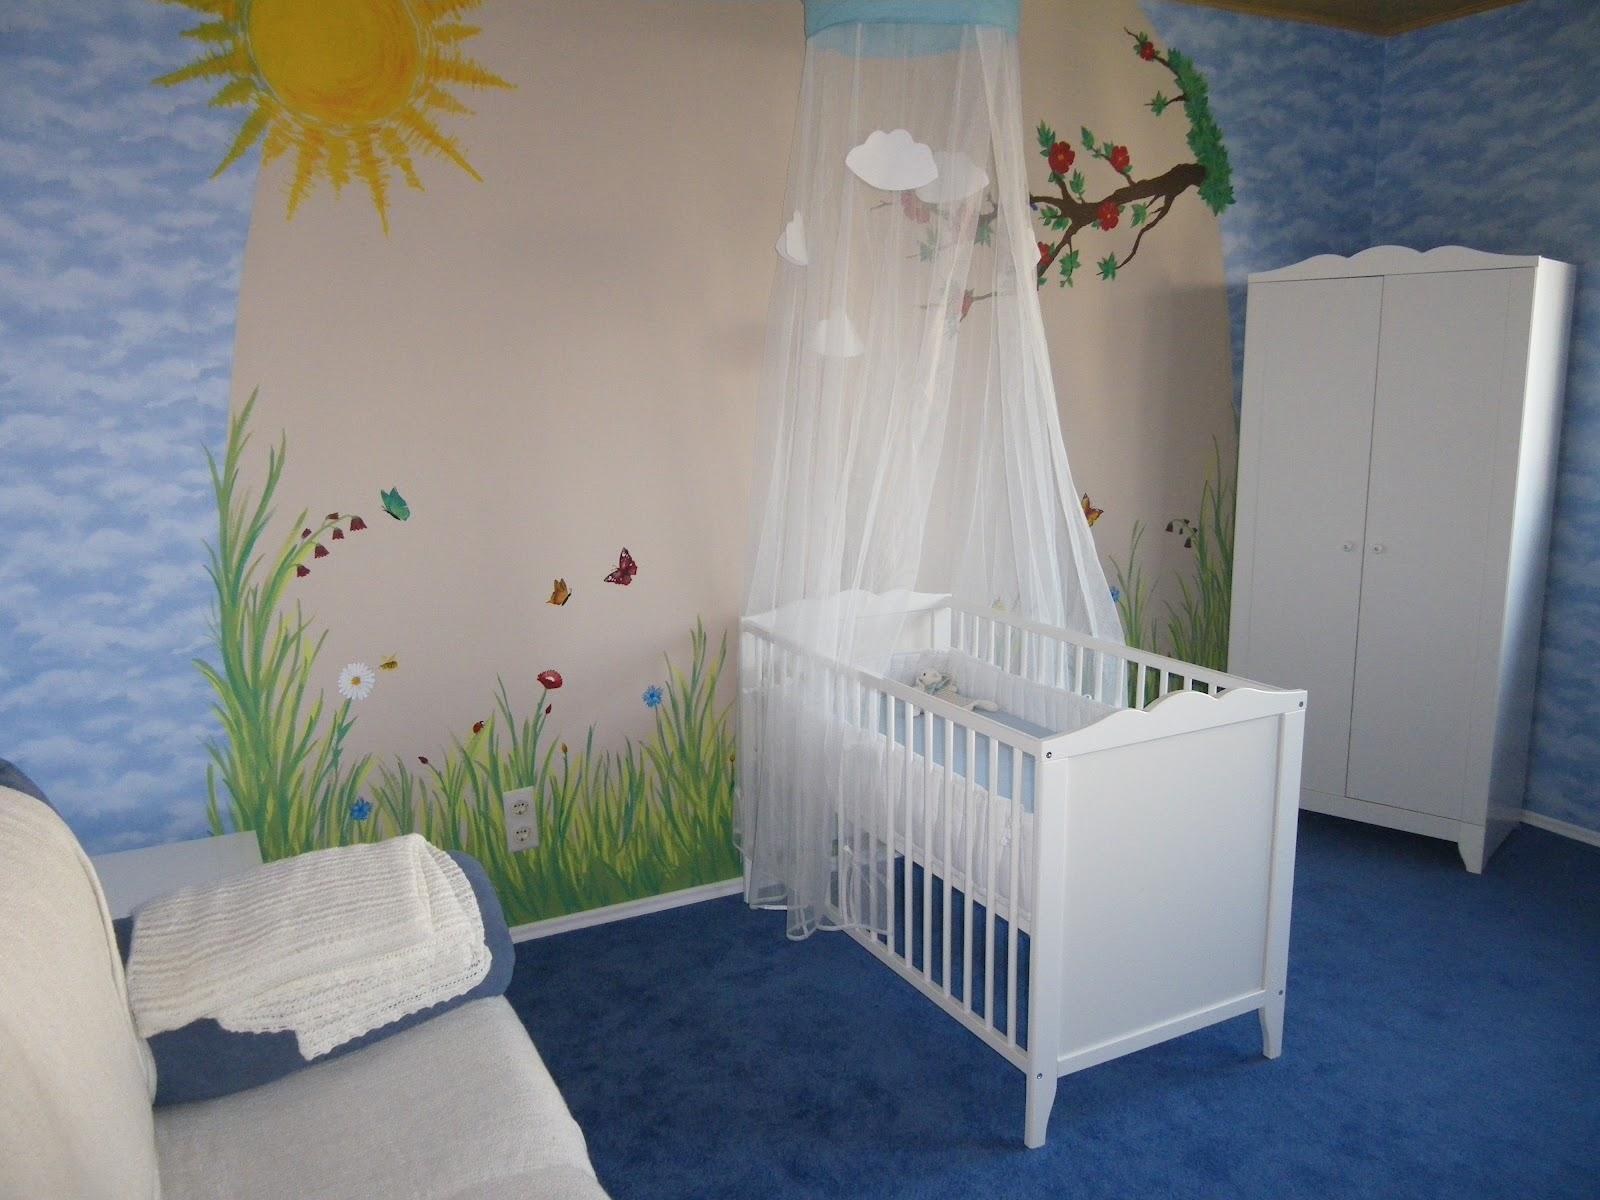 kinderzimmer ideen. Black Bedroom Furniture Sets. Home Design Ideas